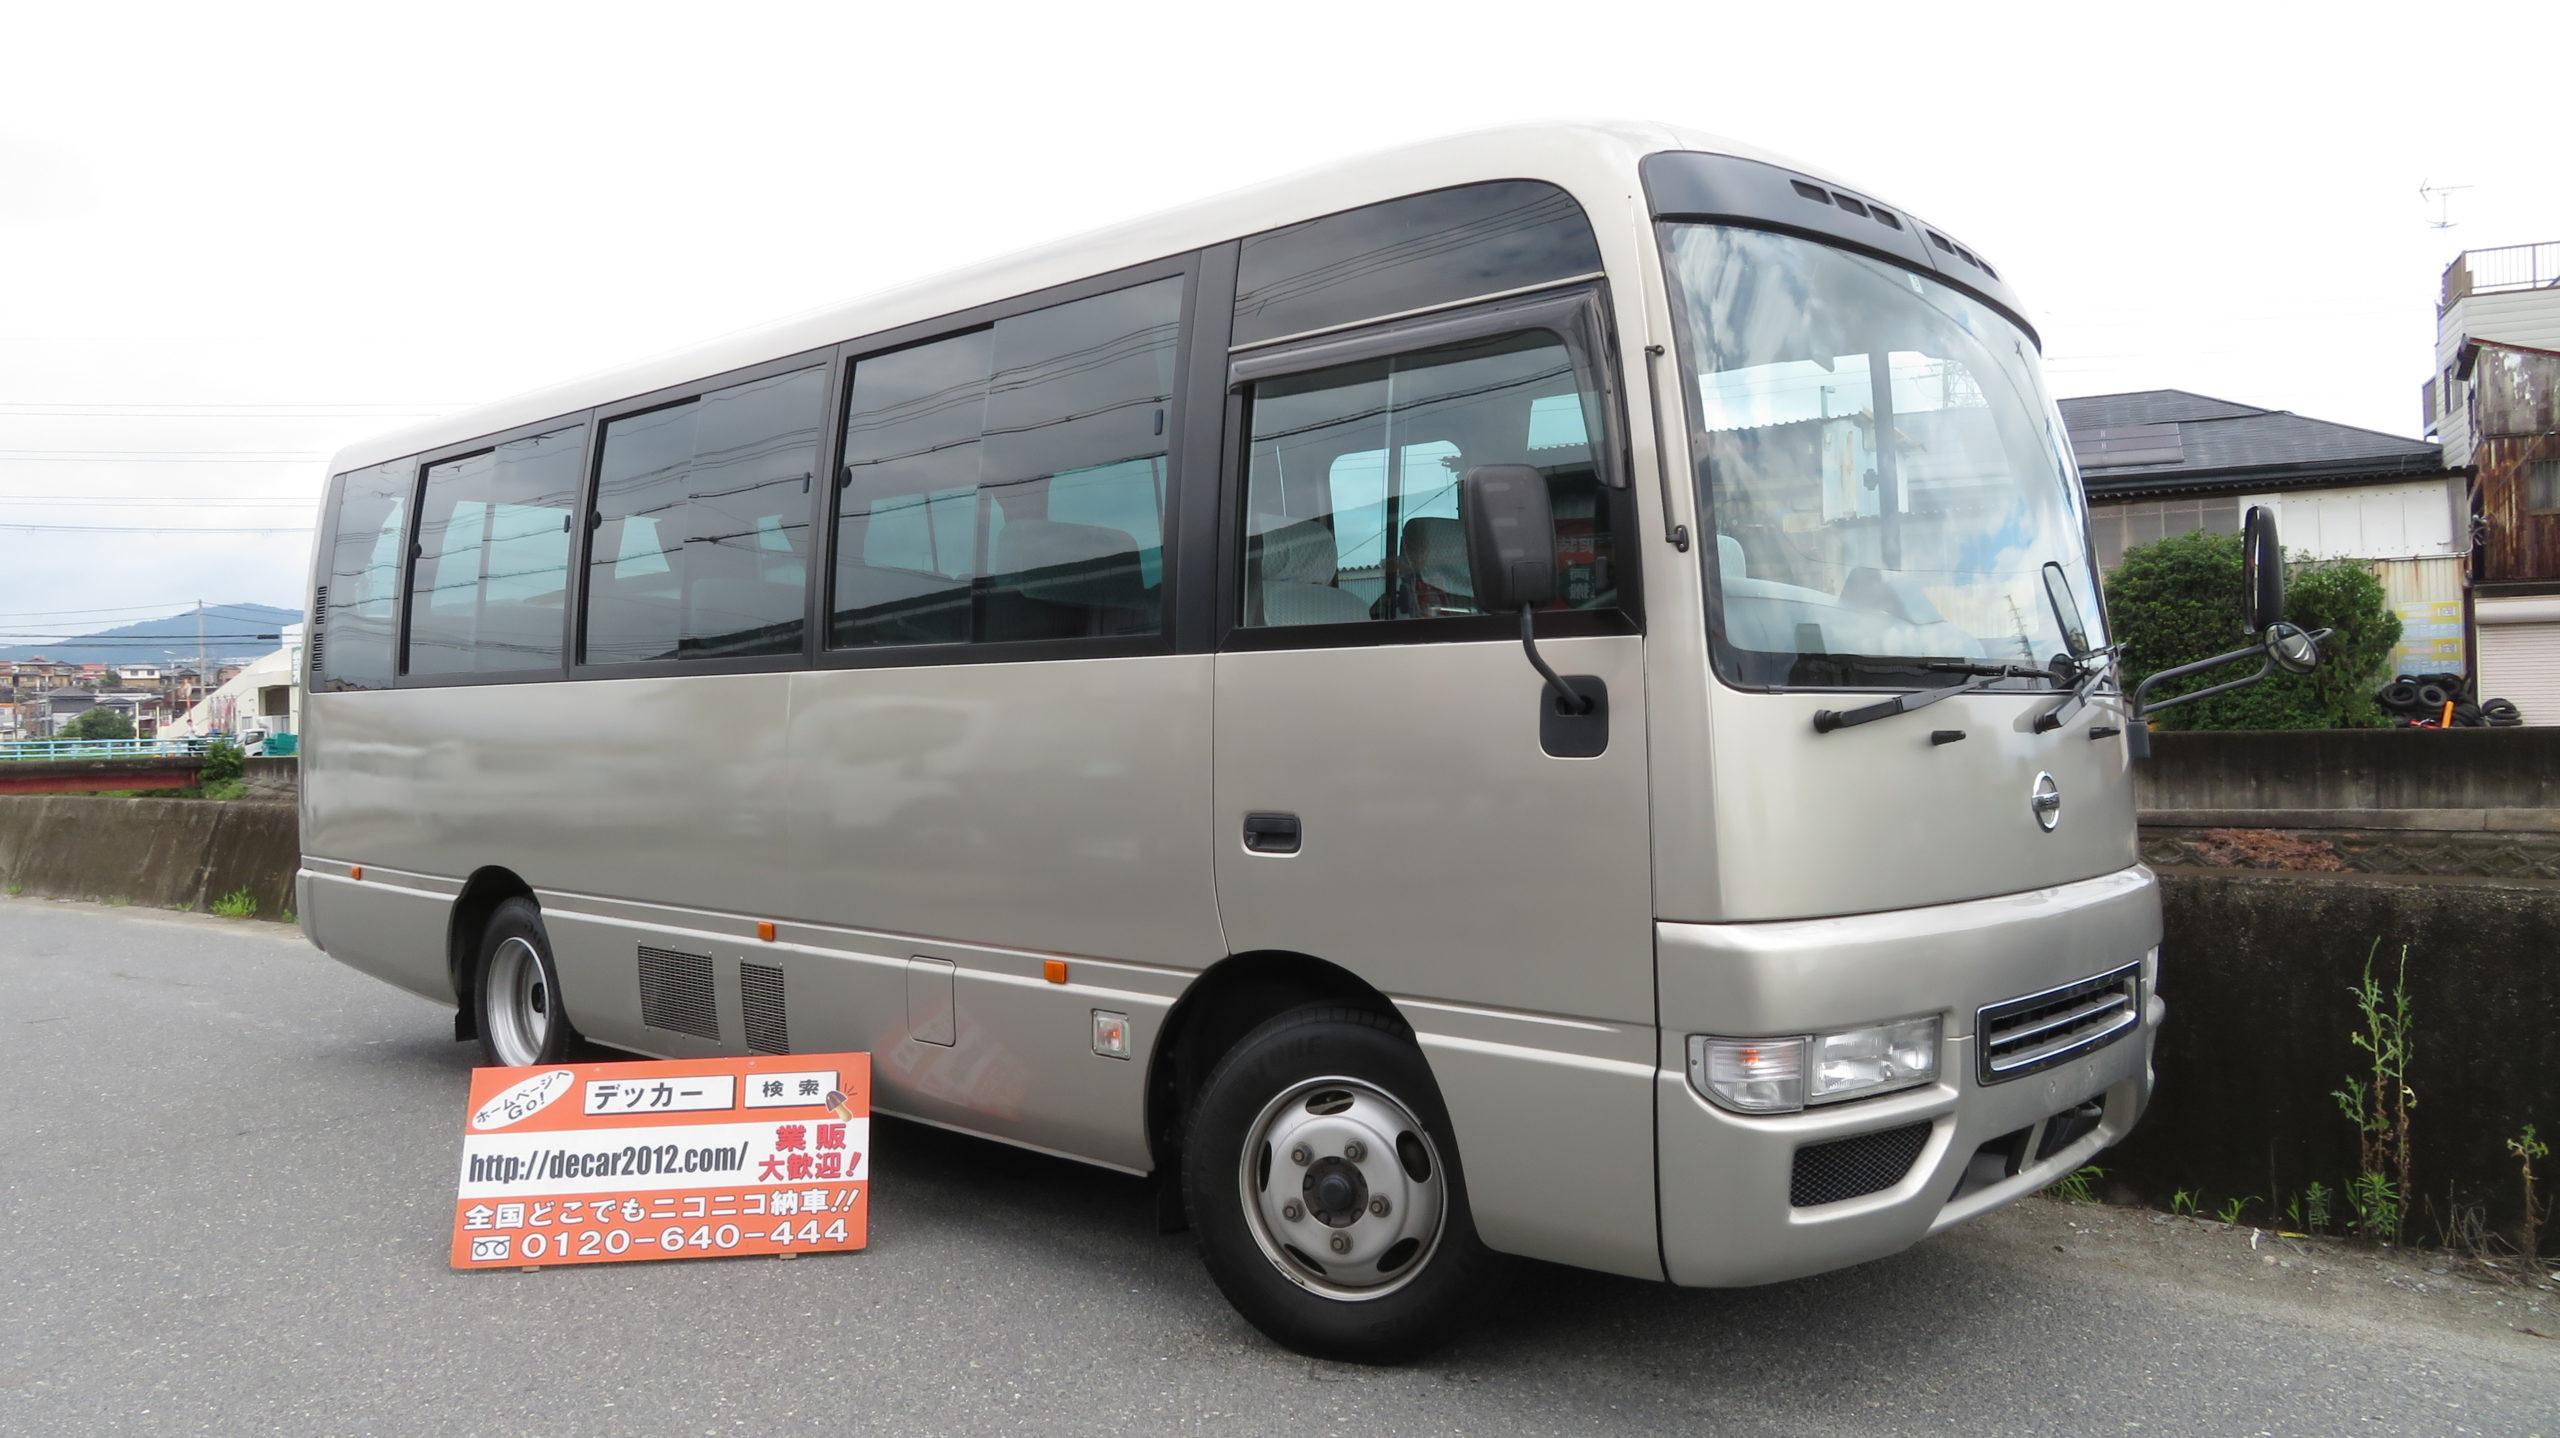 平成21年式 日産 シビリアン マイクロバス 29人乗 オートスイングドア ステップ付 4速AT モケットシート!